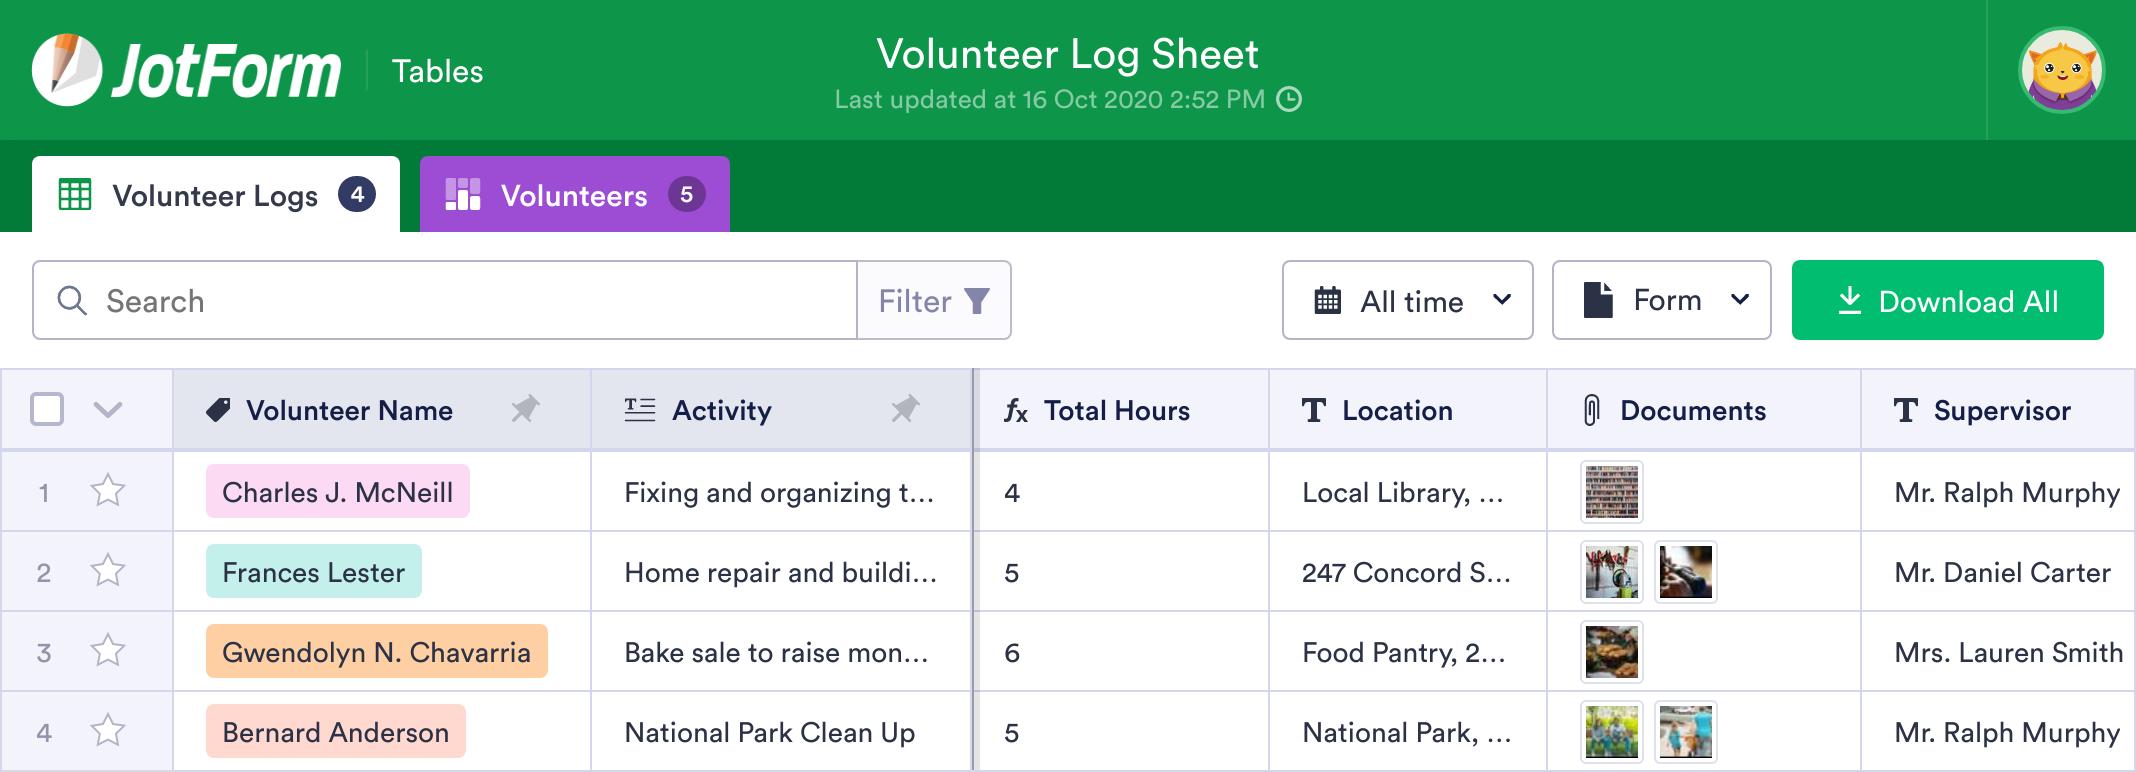 Volunteer Log Sheet